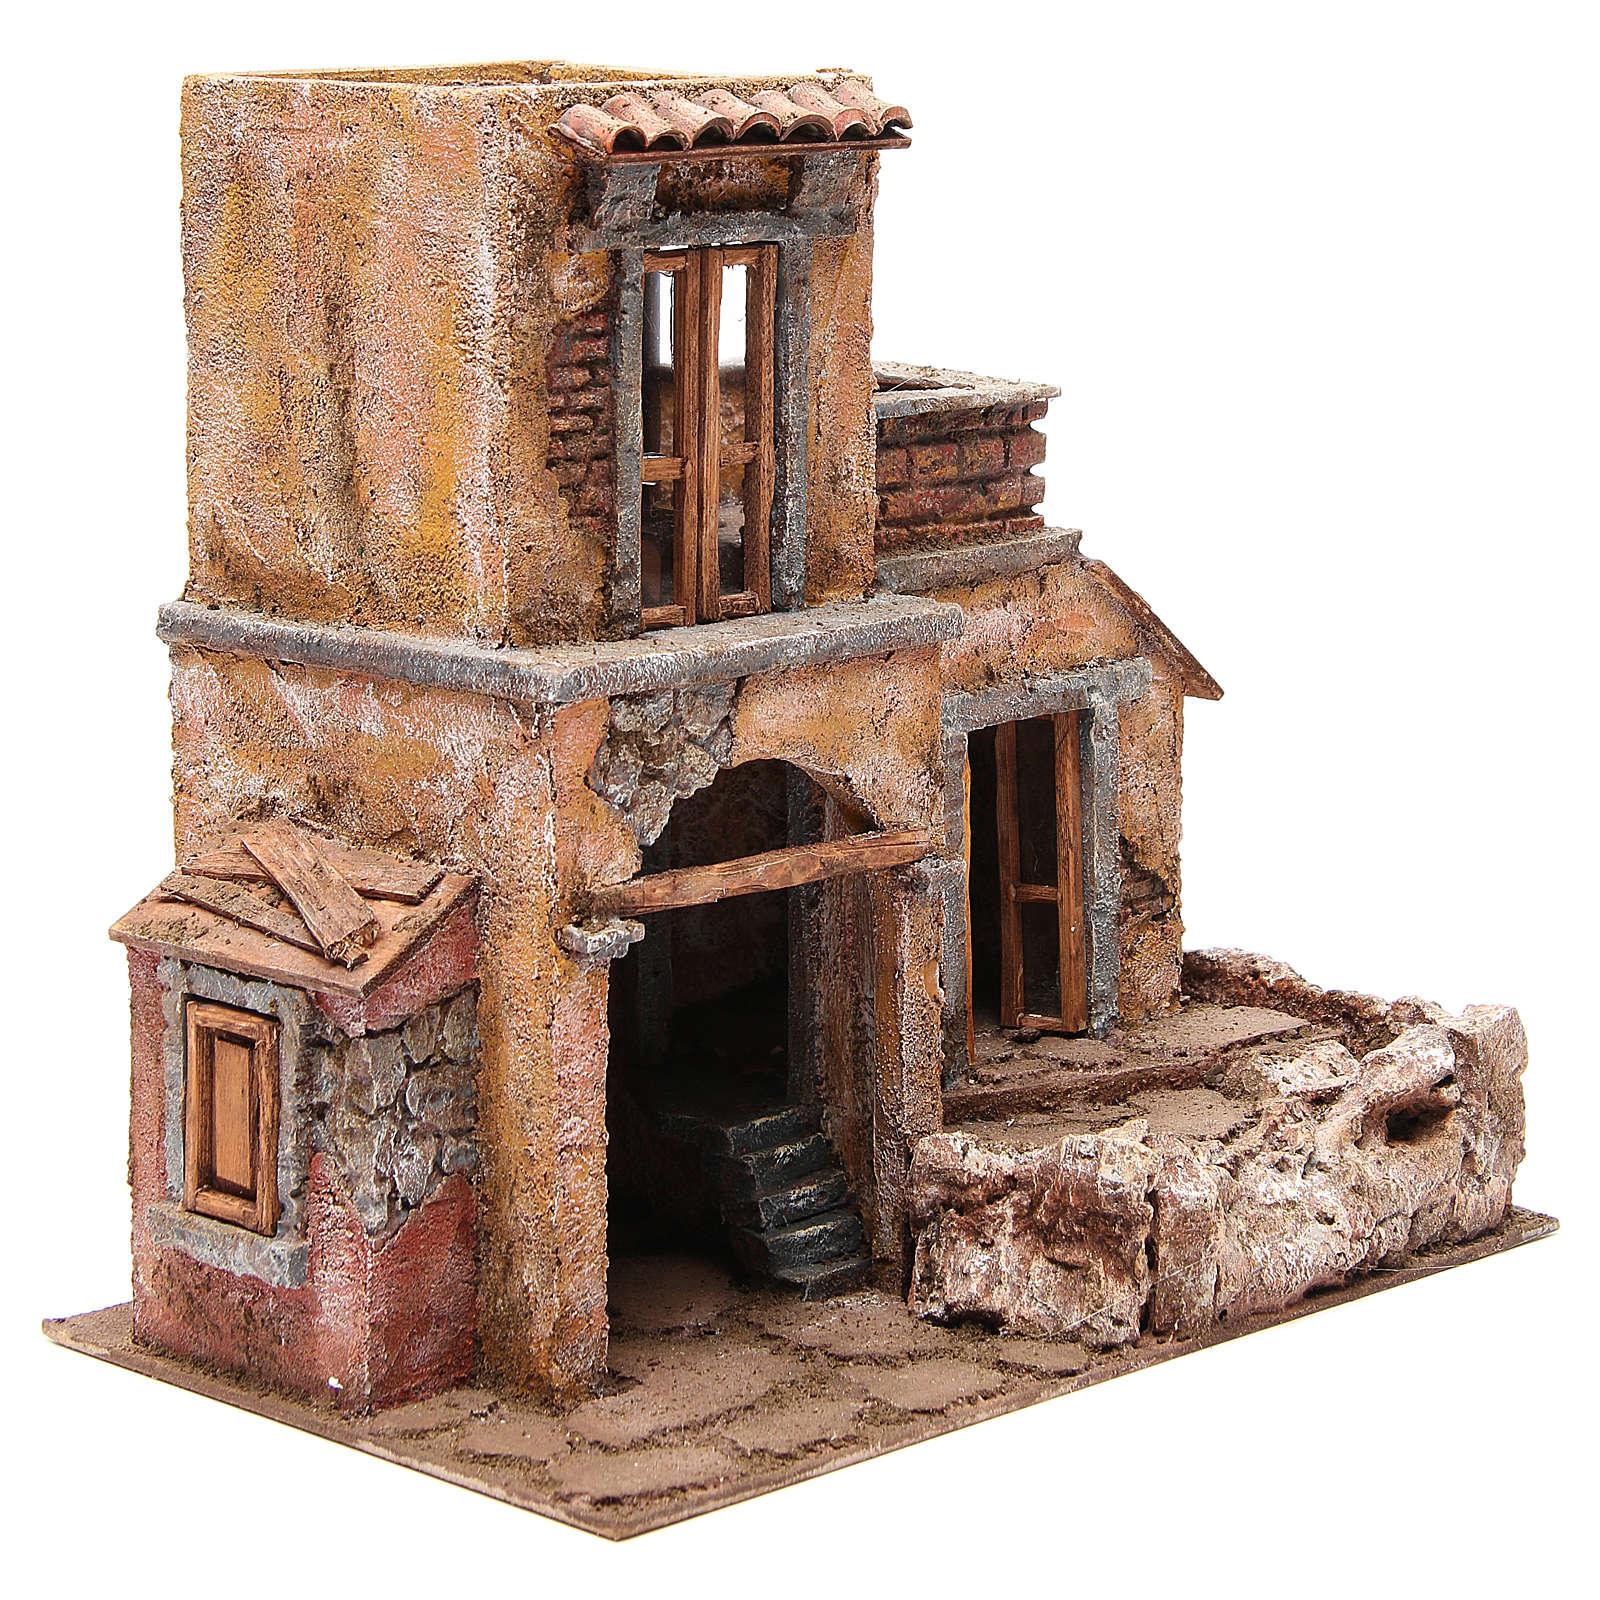 Maison avec cabane crèche 35x38x25 cm 4